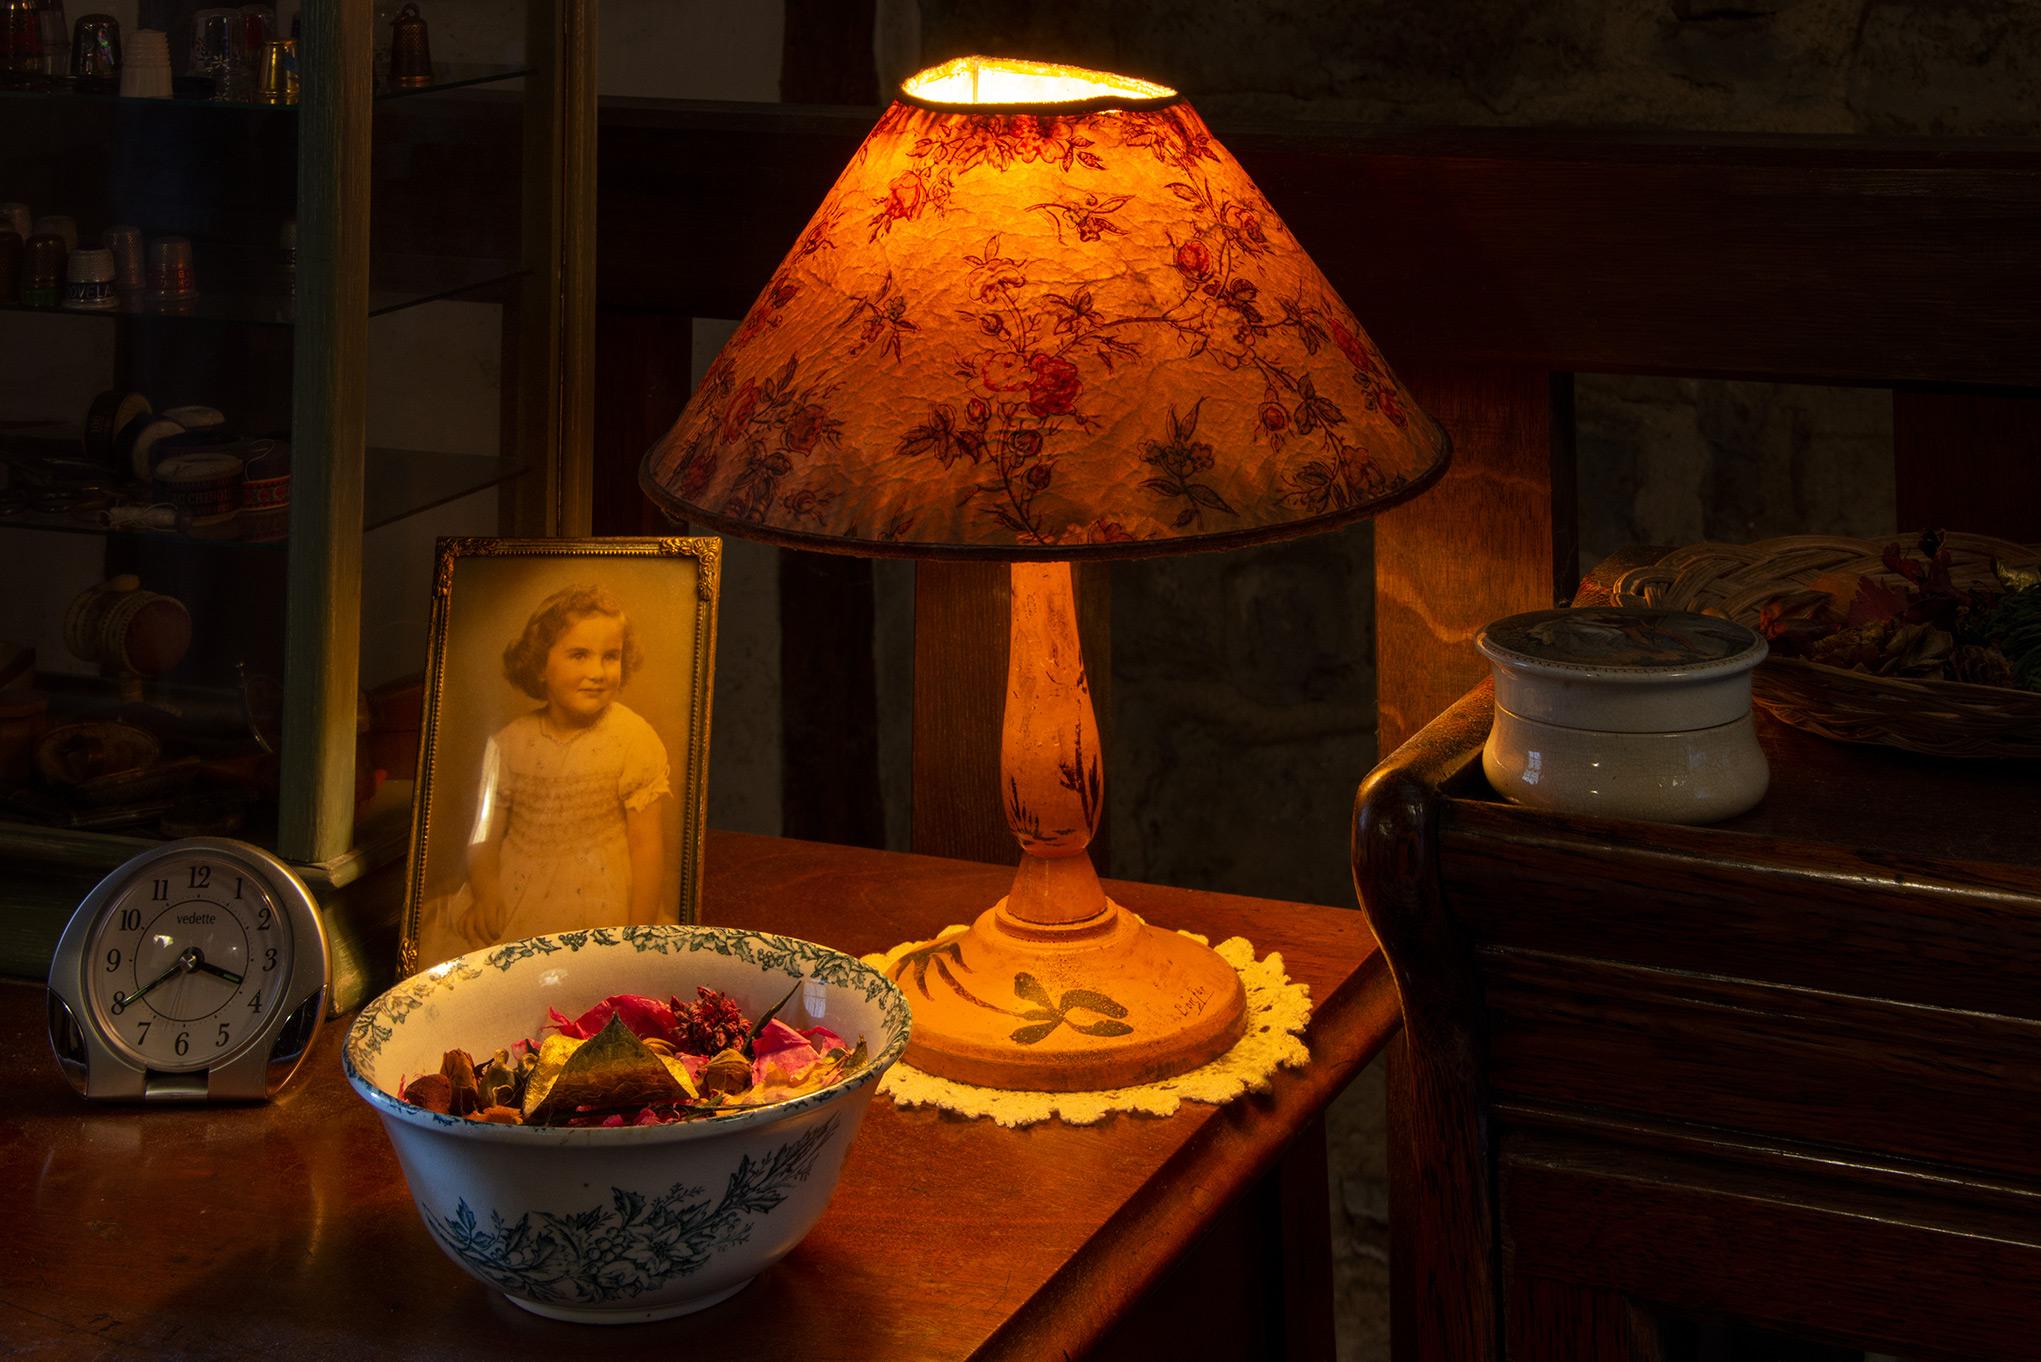 urbitas_lamp.jpg